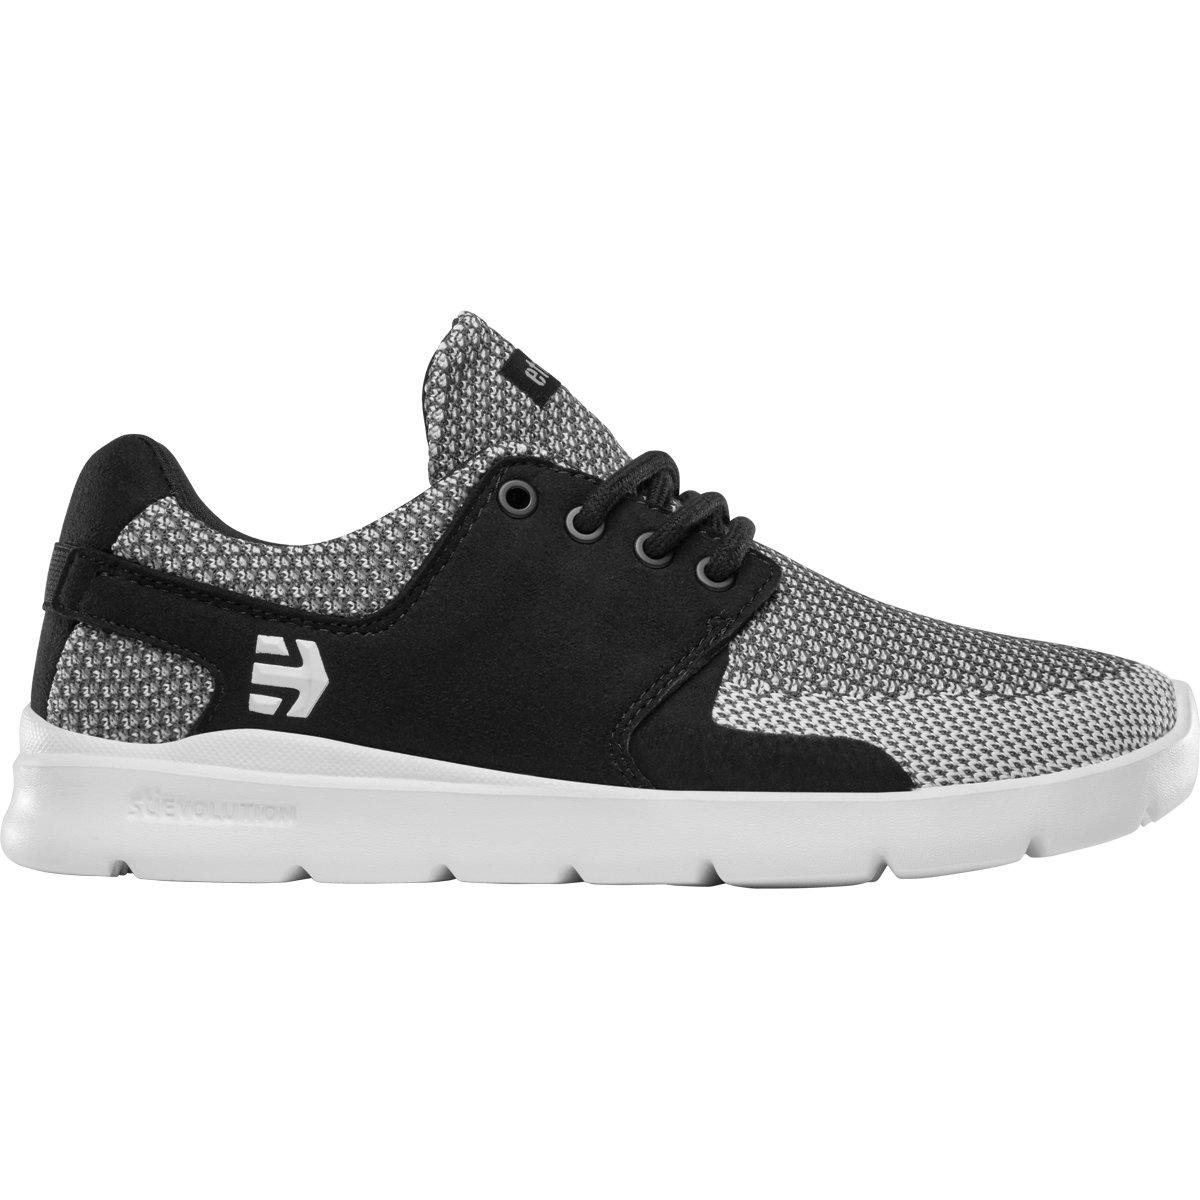 Etnies Womens Scout XT Sneaker B07929R1SH 7 B(M) US|Black/Grey/White